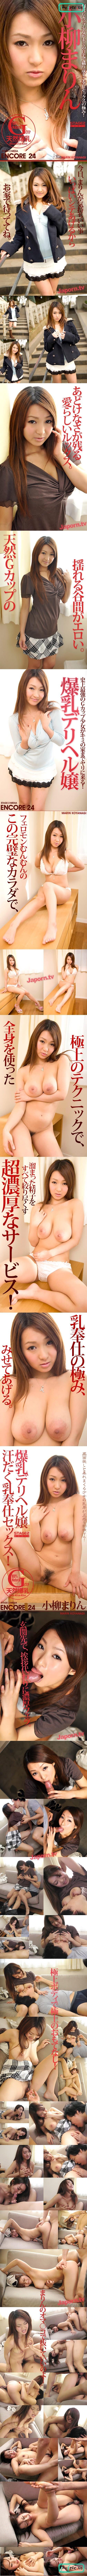 [S2M 024] アンコール Vol.24 : 小柳まりん 小柳まりん S2M